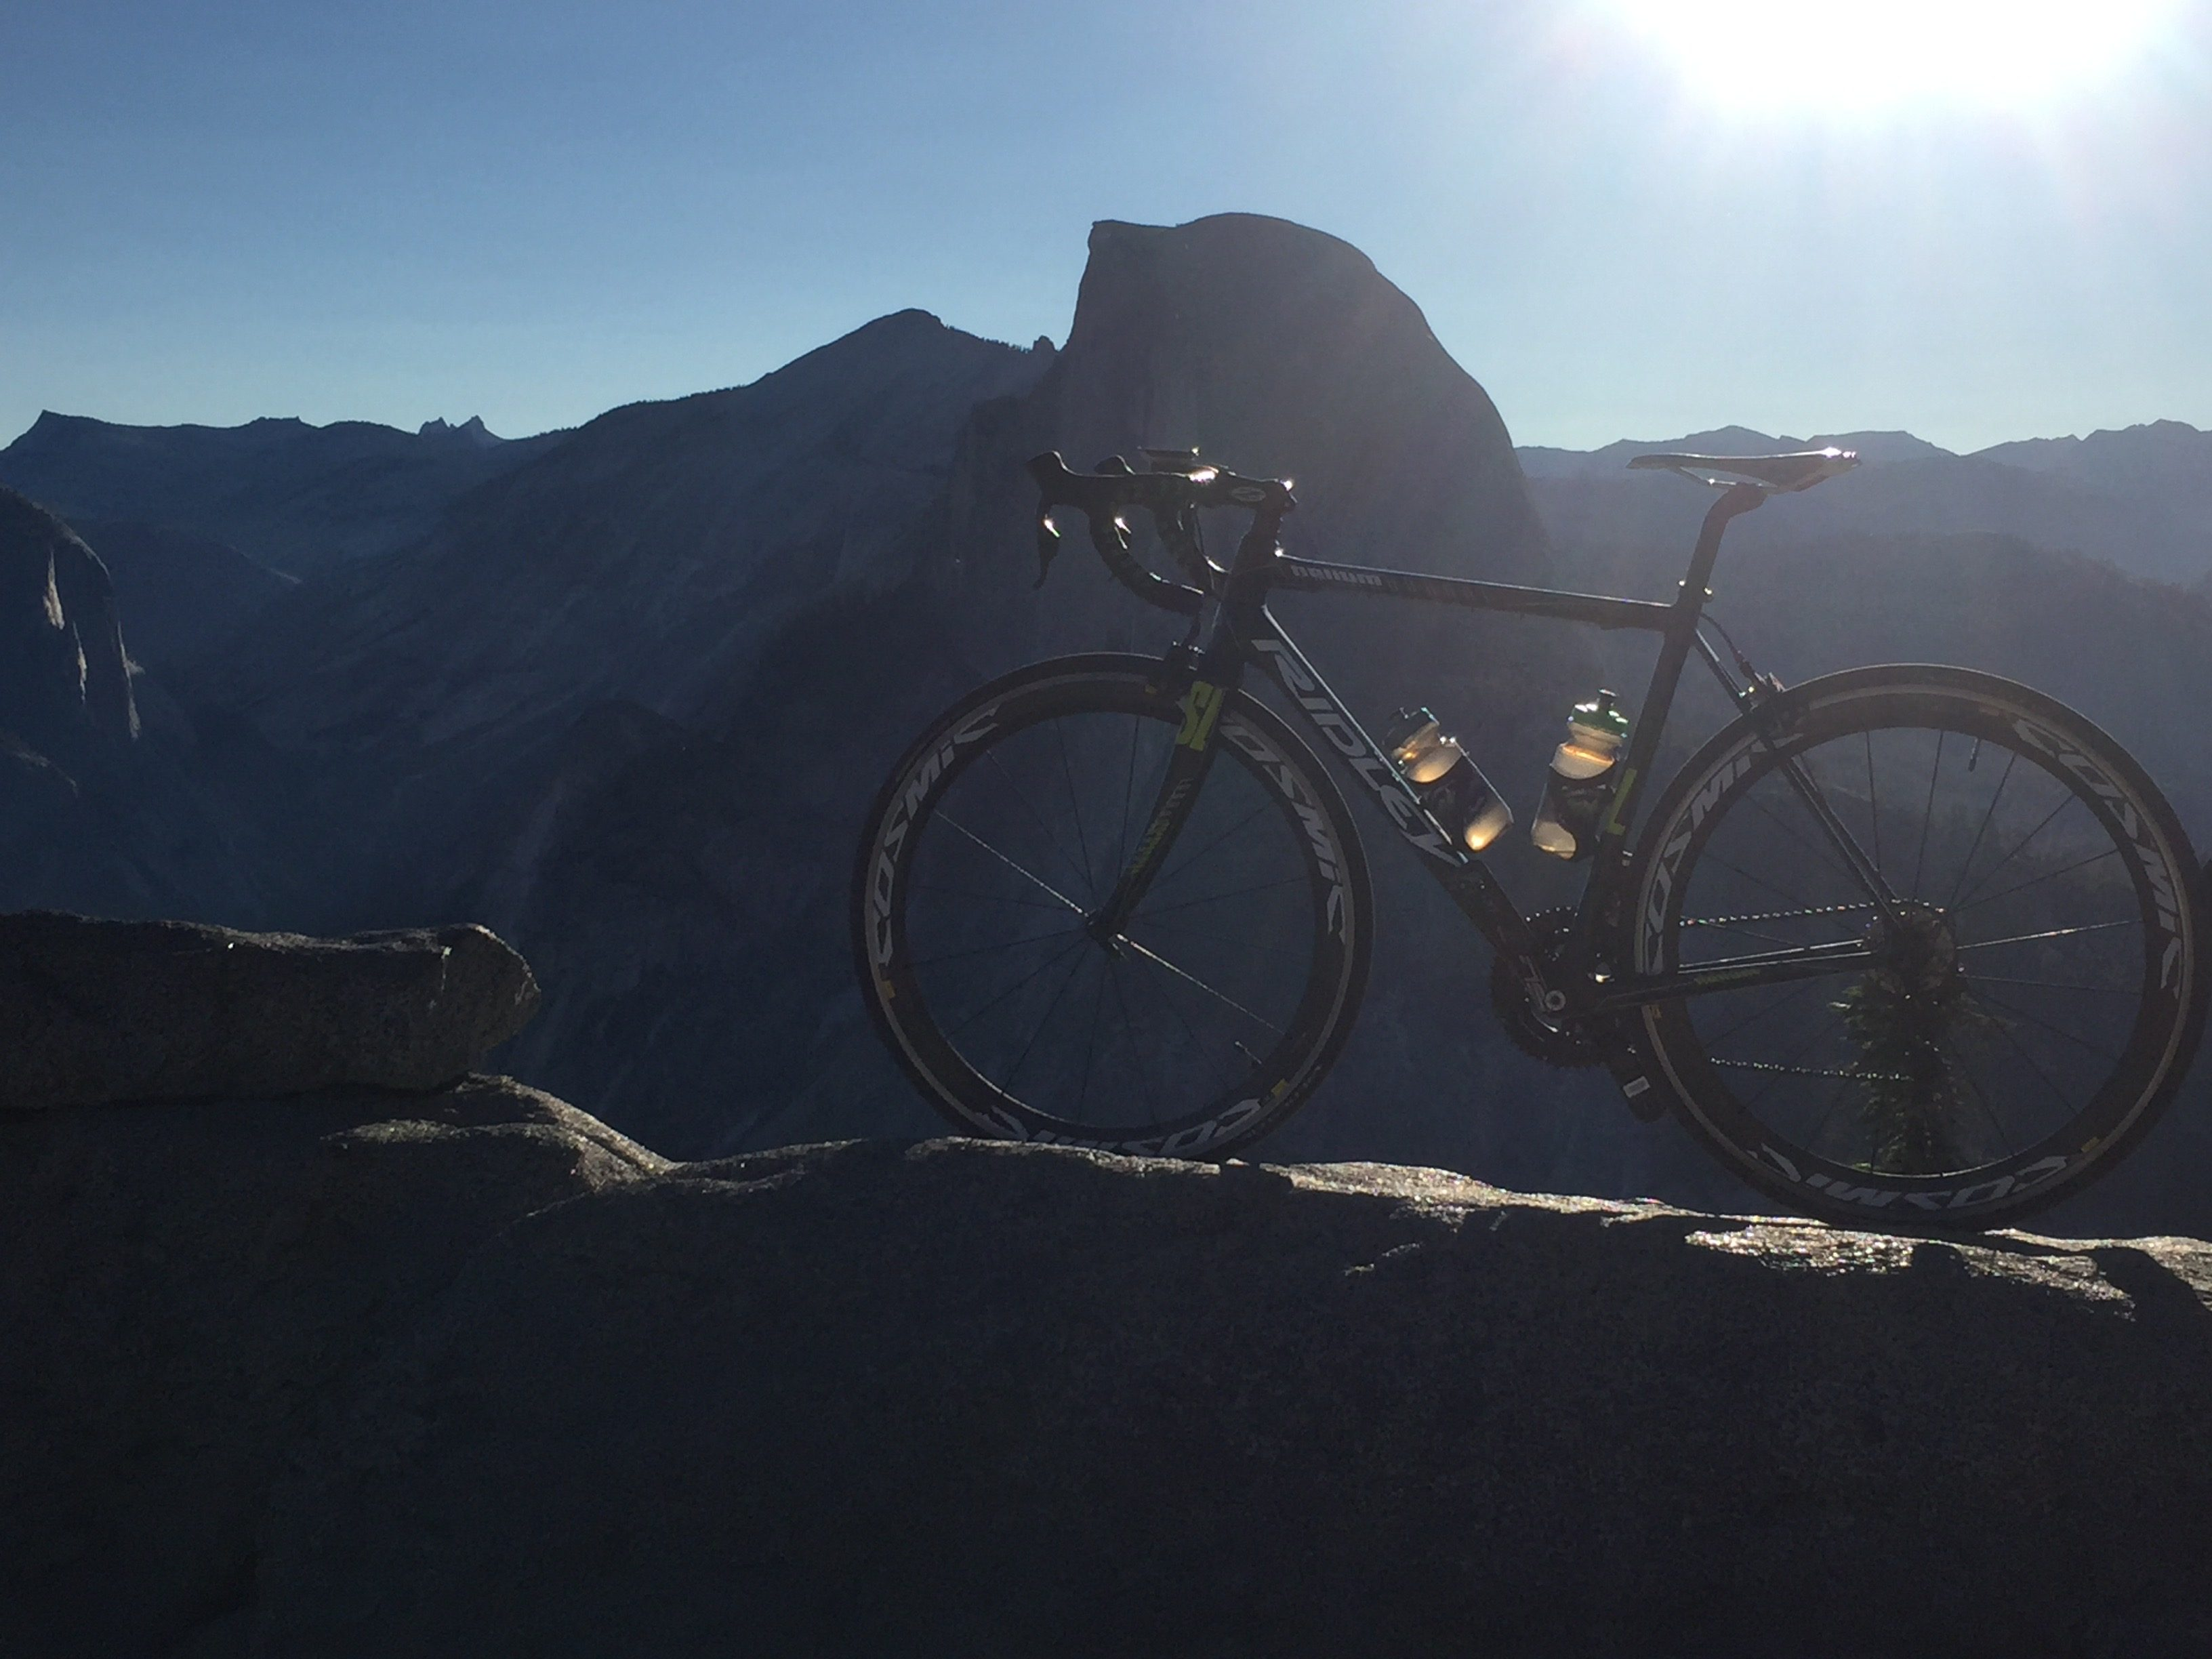 Yosemite National Park active cycling vacation